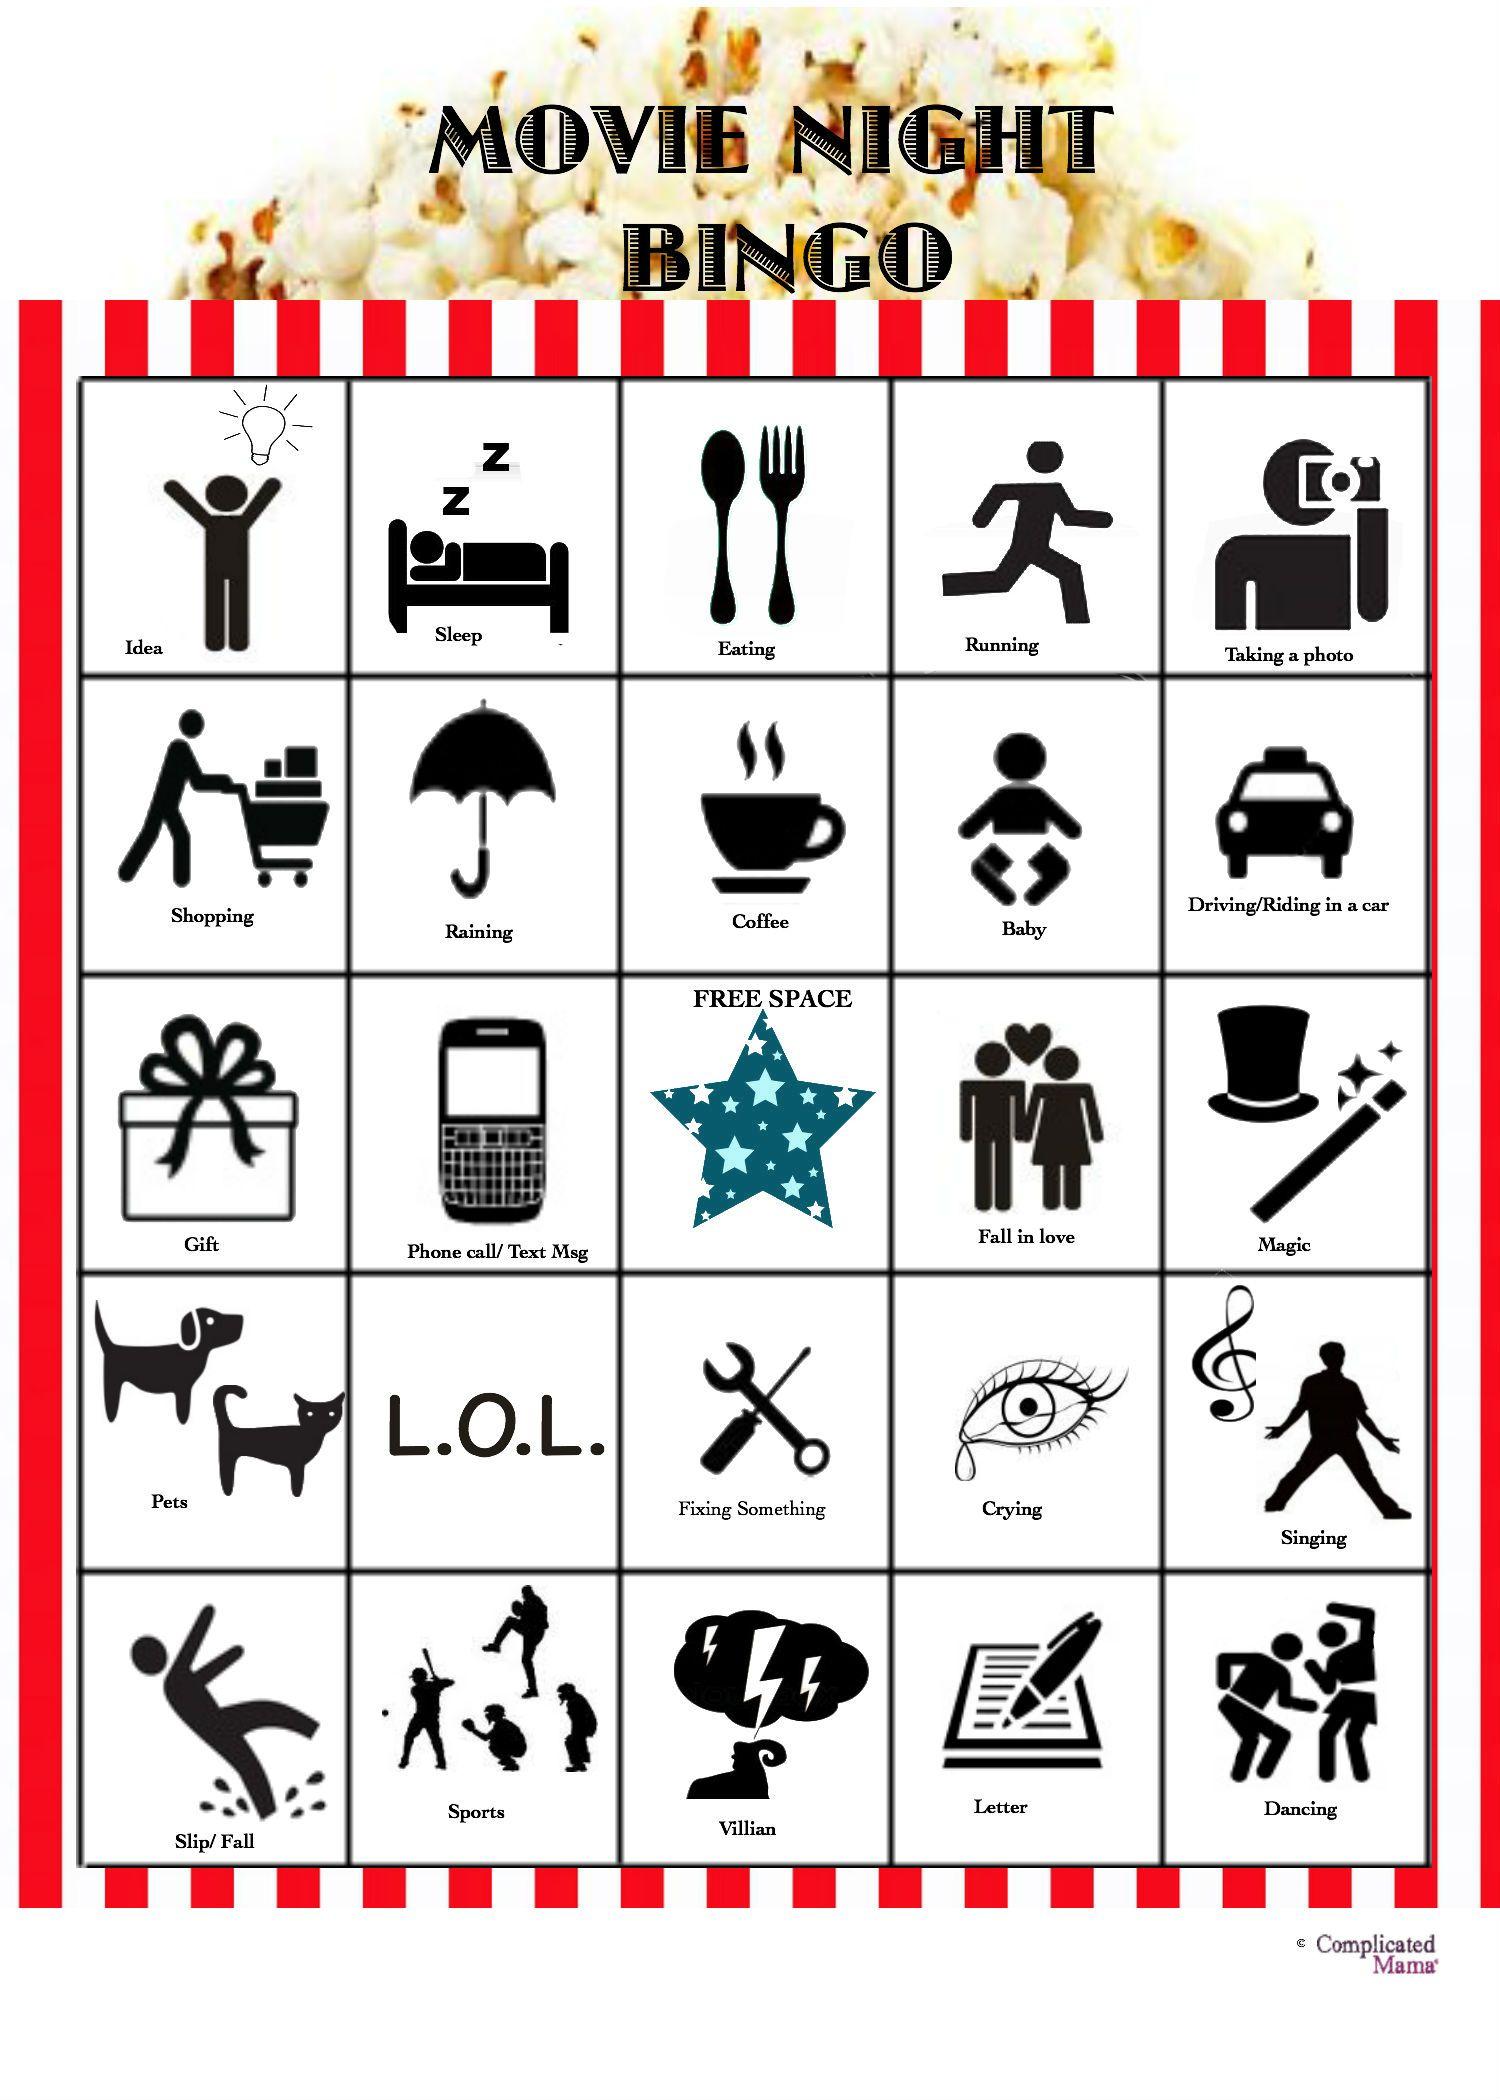 Family Movie Night Bingo With Free Printable Bingo Game Cards